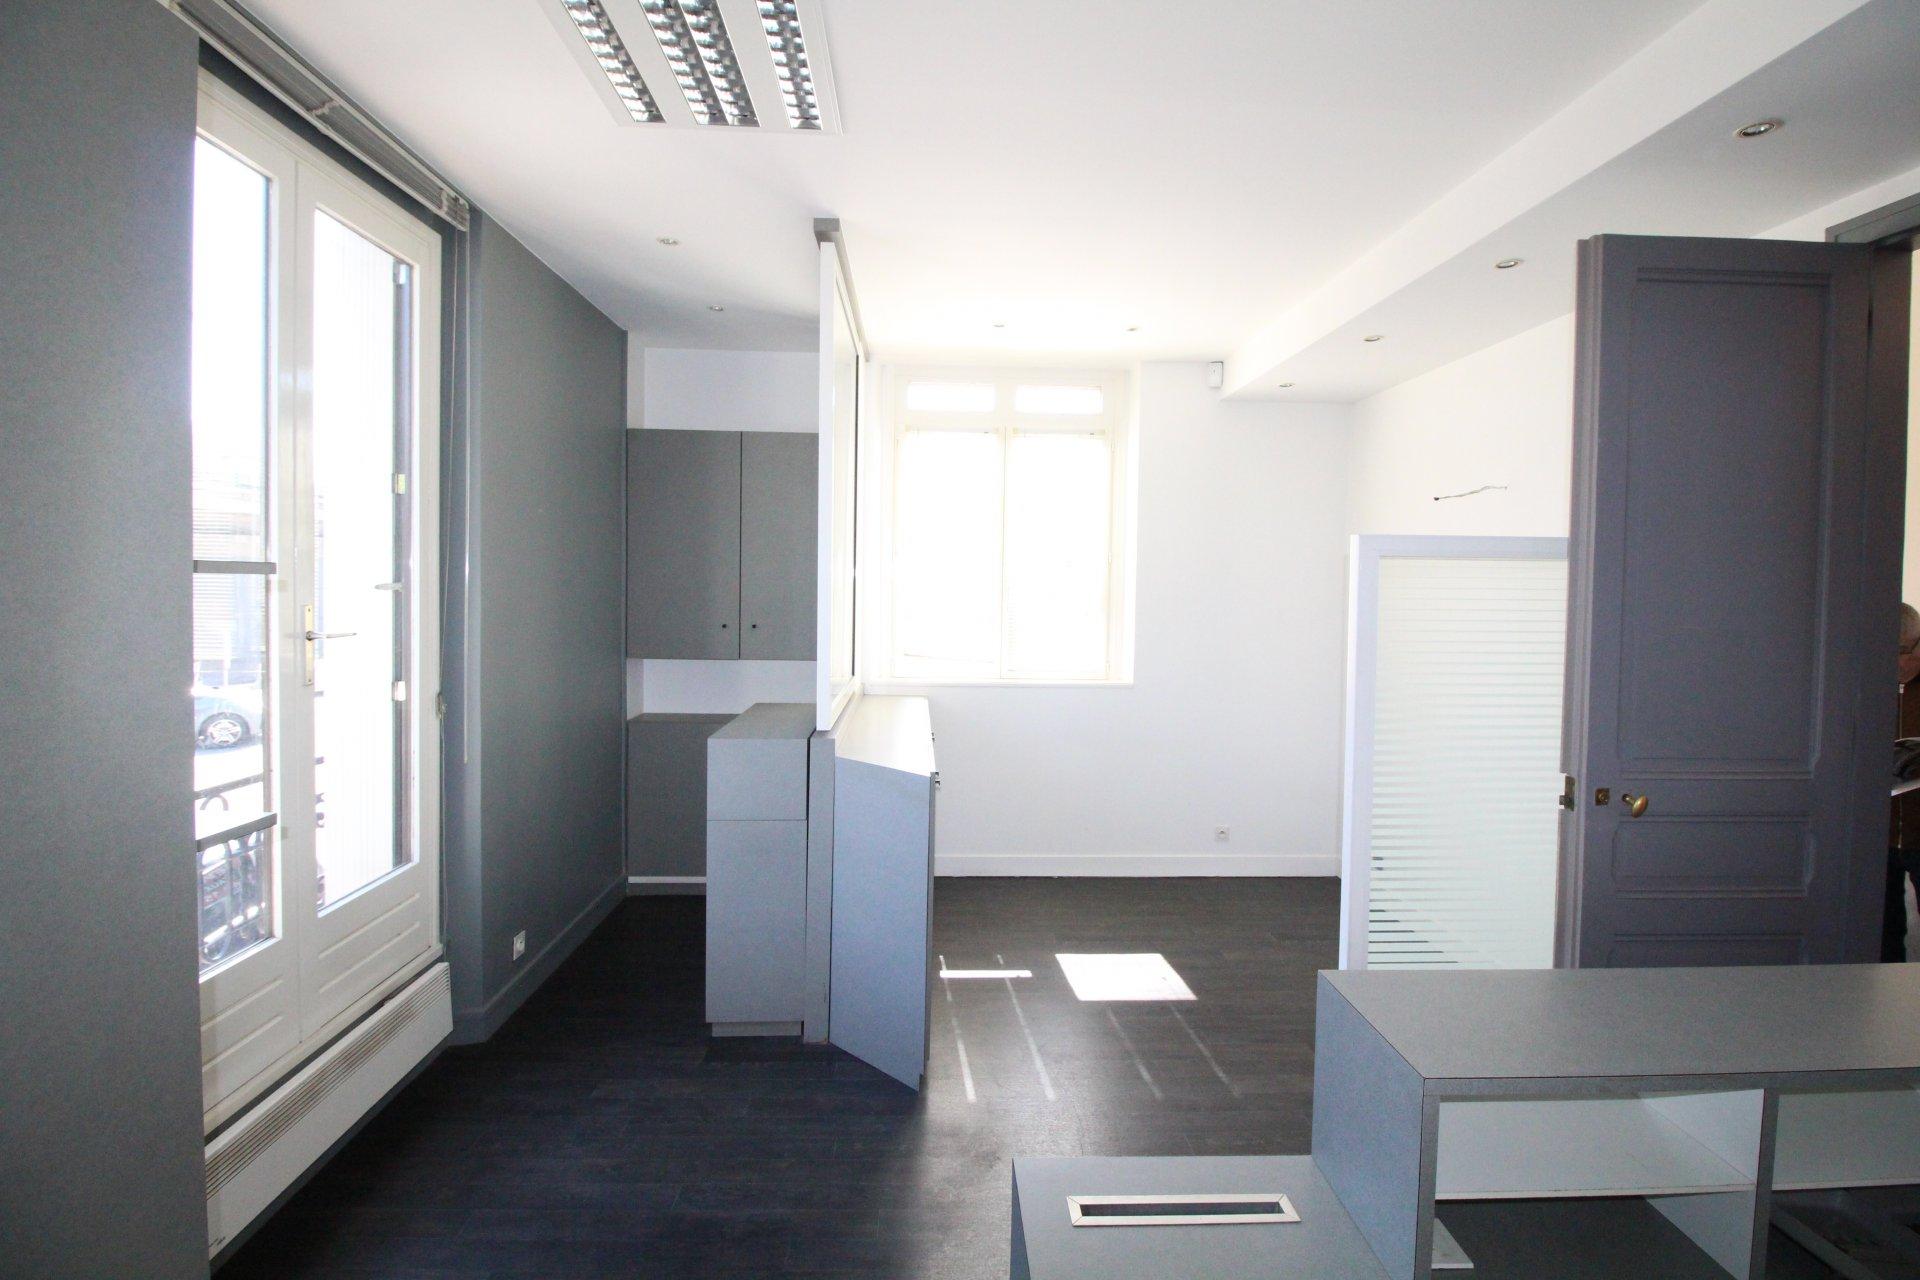 Location Bureau - Saint-Maur-des-Fossés